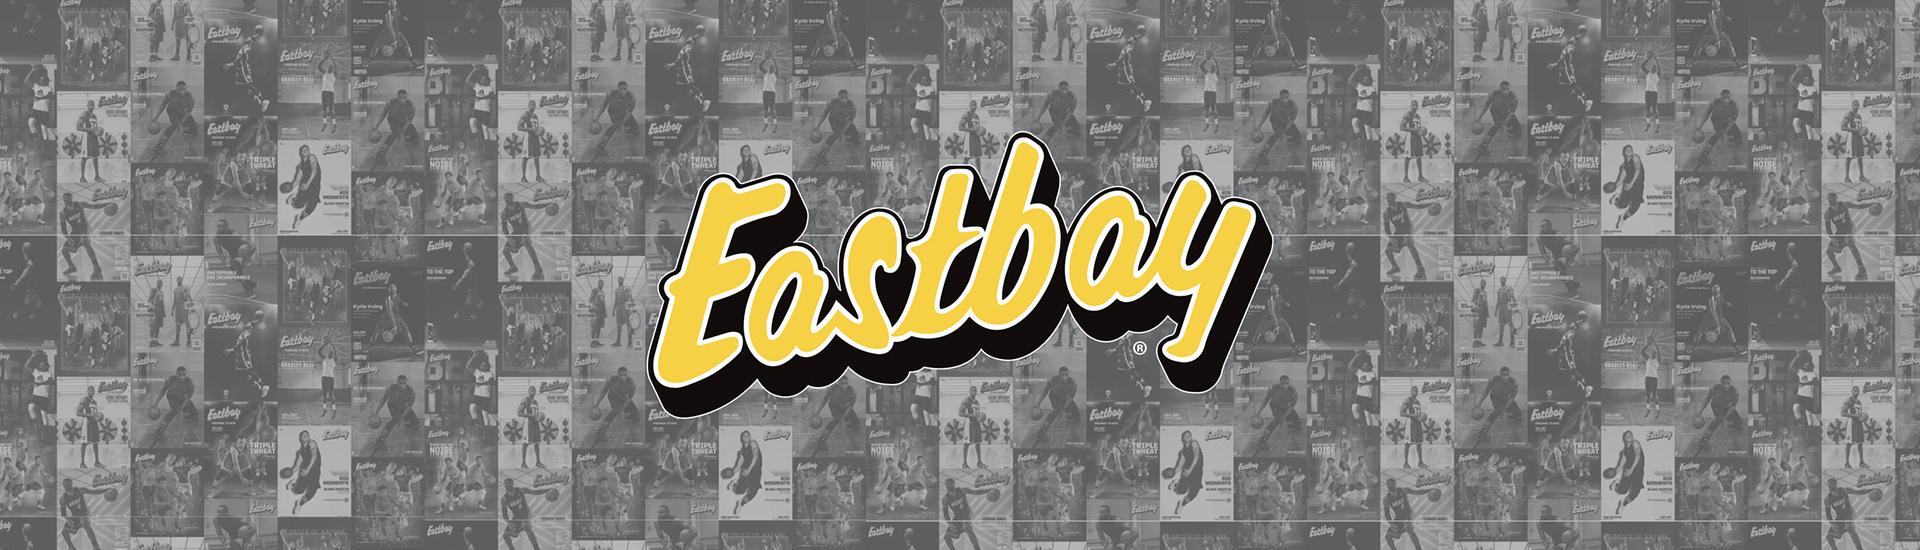 Eastbay'den Alışveriş